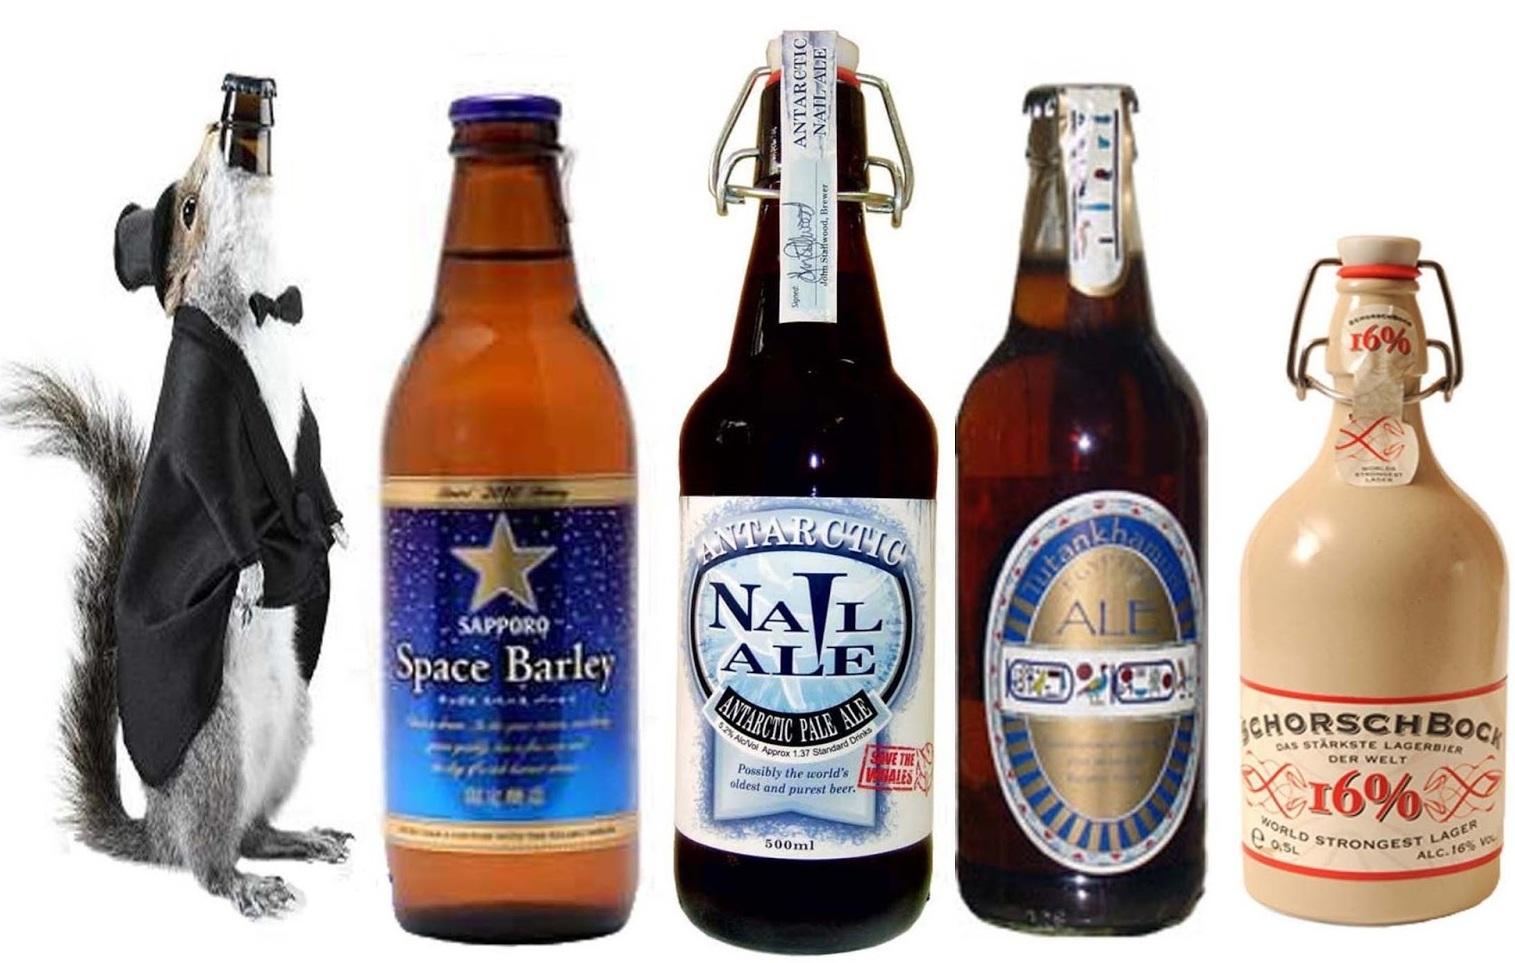 Las 5 cervezas m s caras del mundo la rebotica de las for La alfombra mas cara del mundo